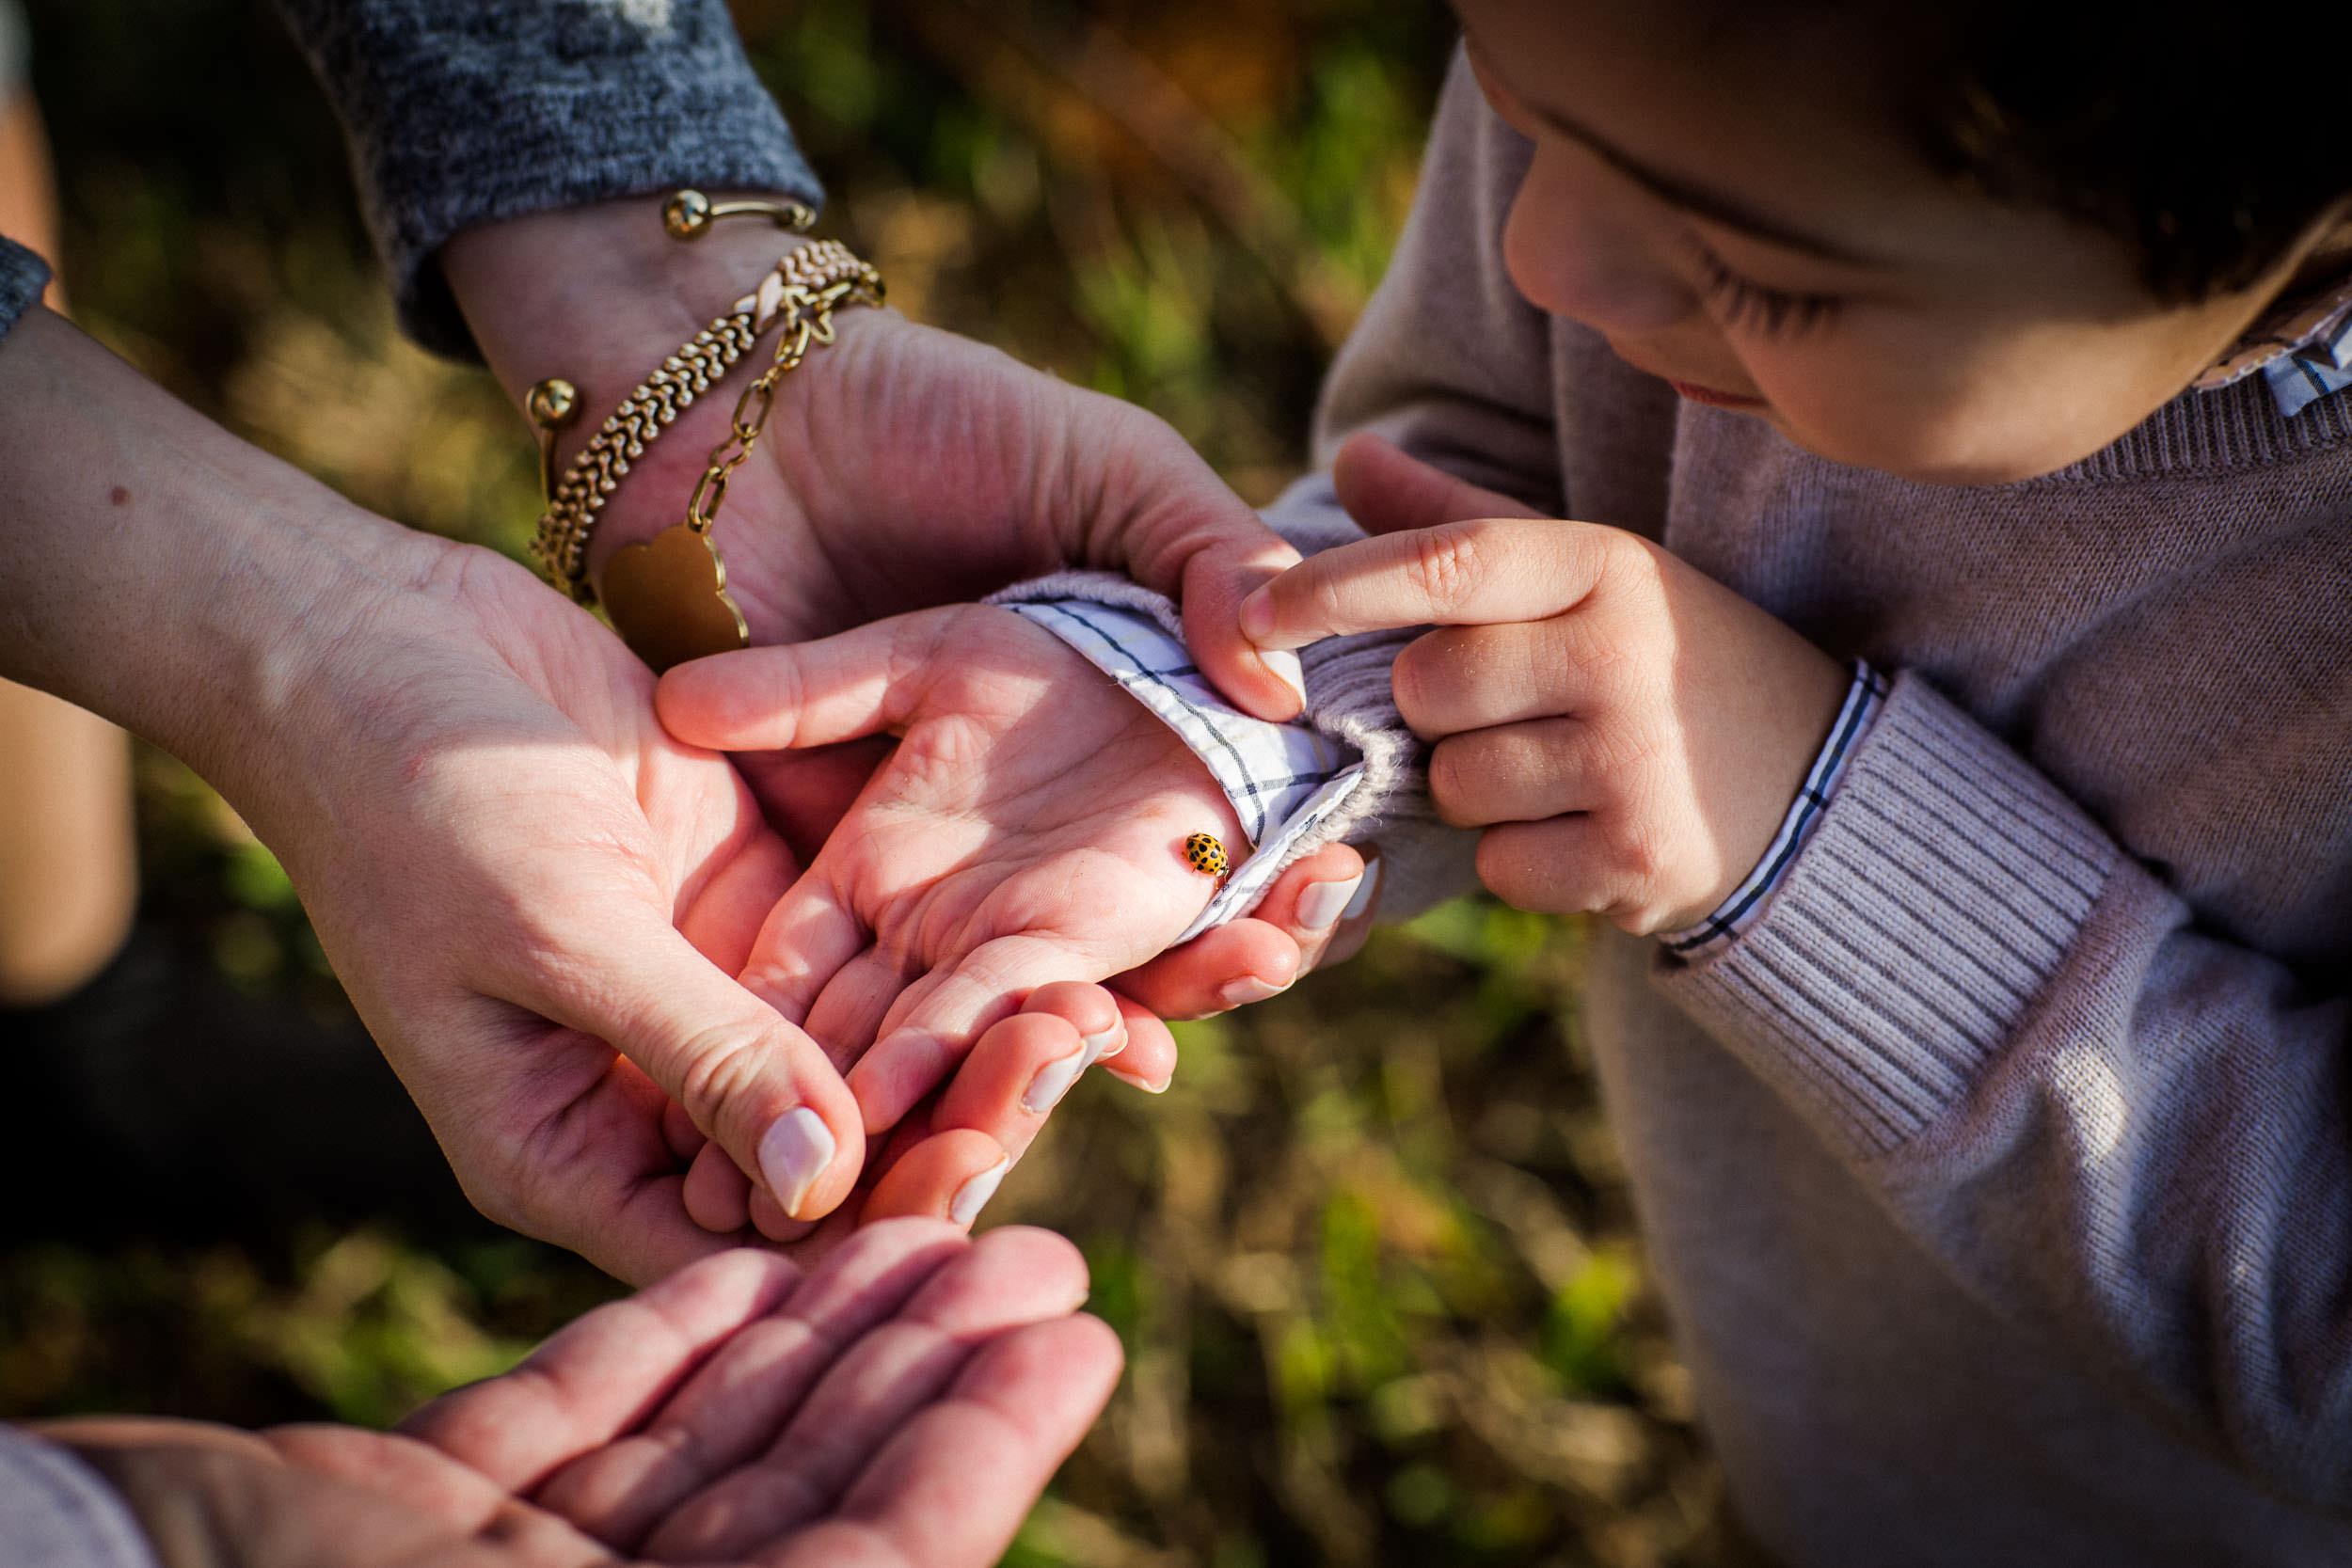 julie-verlinden-family-photography-JV1_4106.jpg